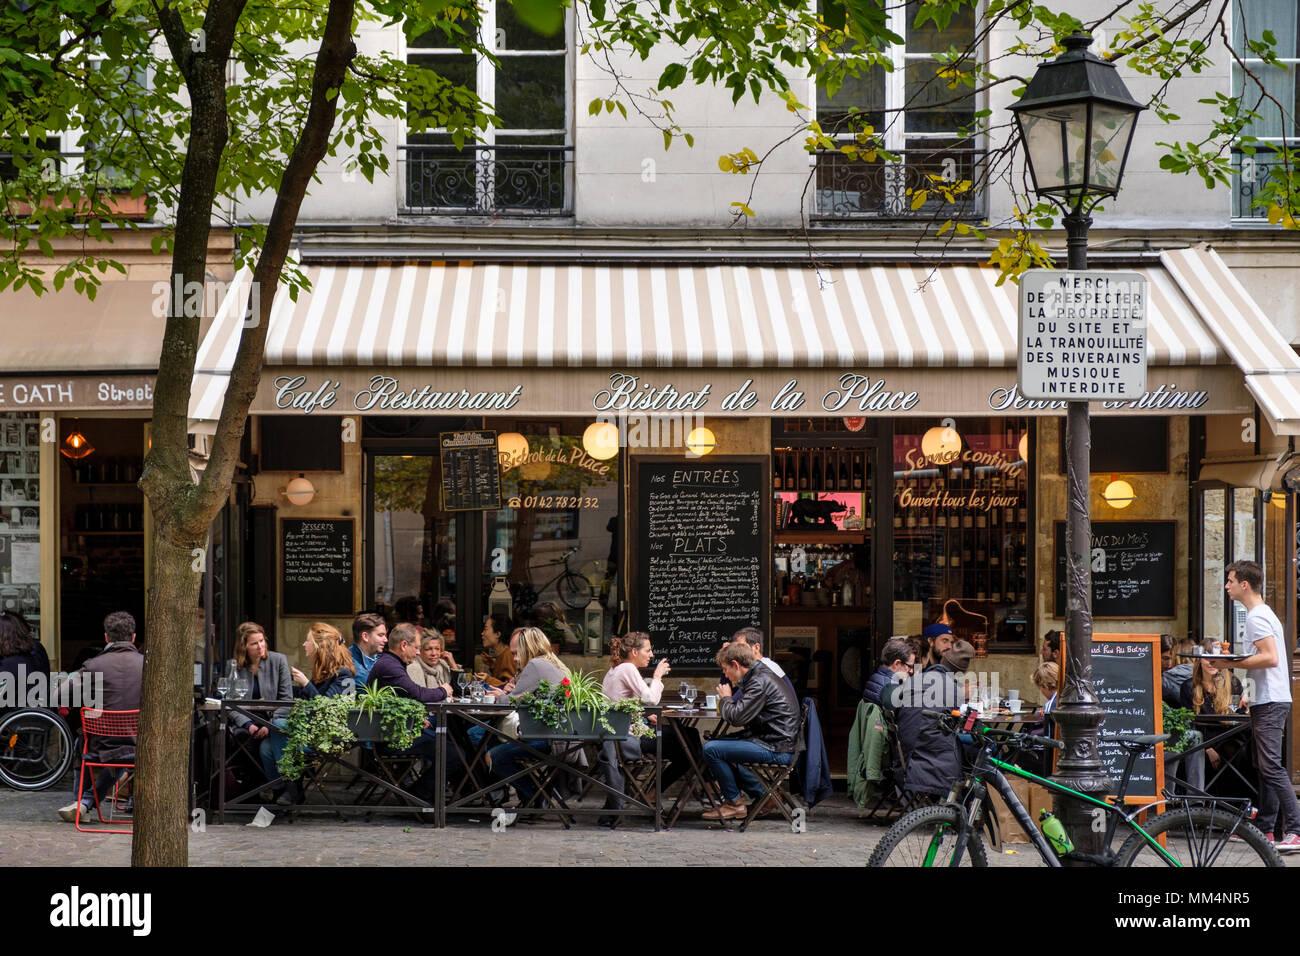 Busy outdoor cafe restaurant Au Bistrot De La Place, Place Sainte-Catherine, Marais, Paris, France - Stock Image